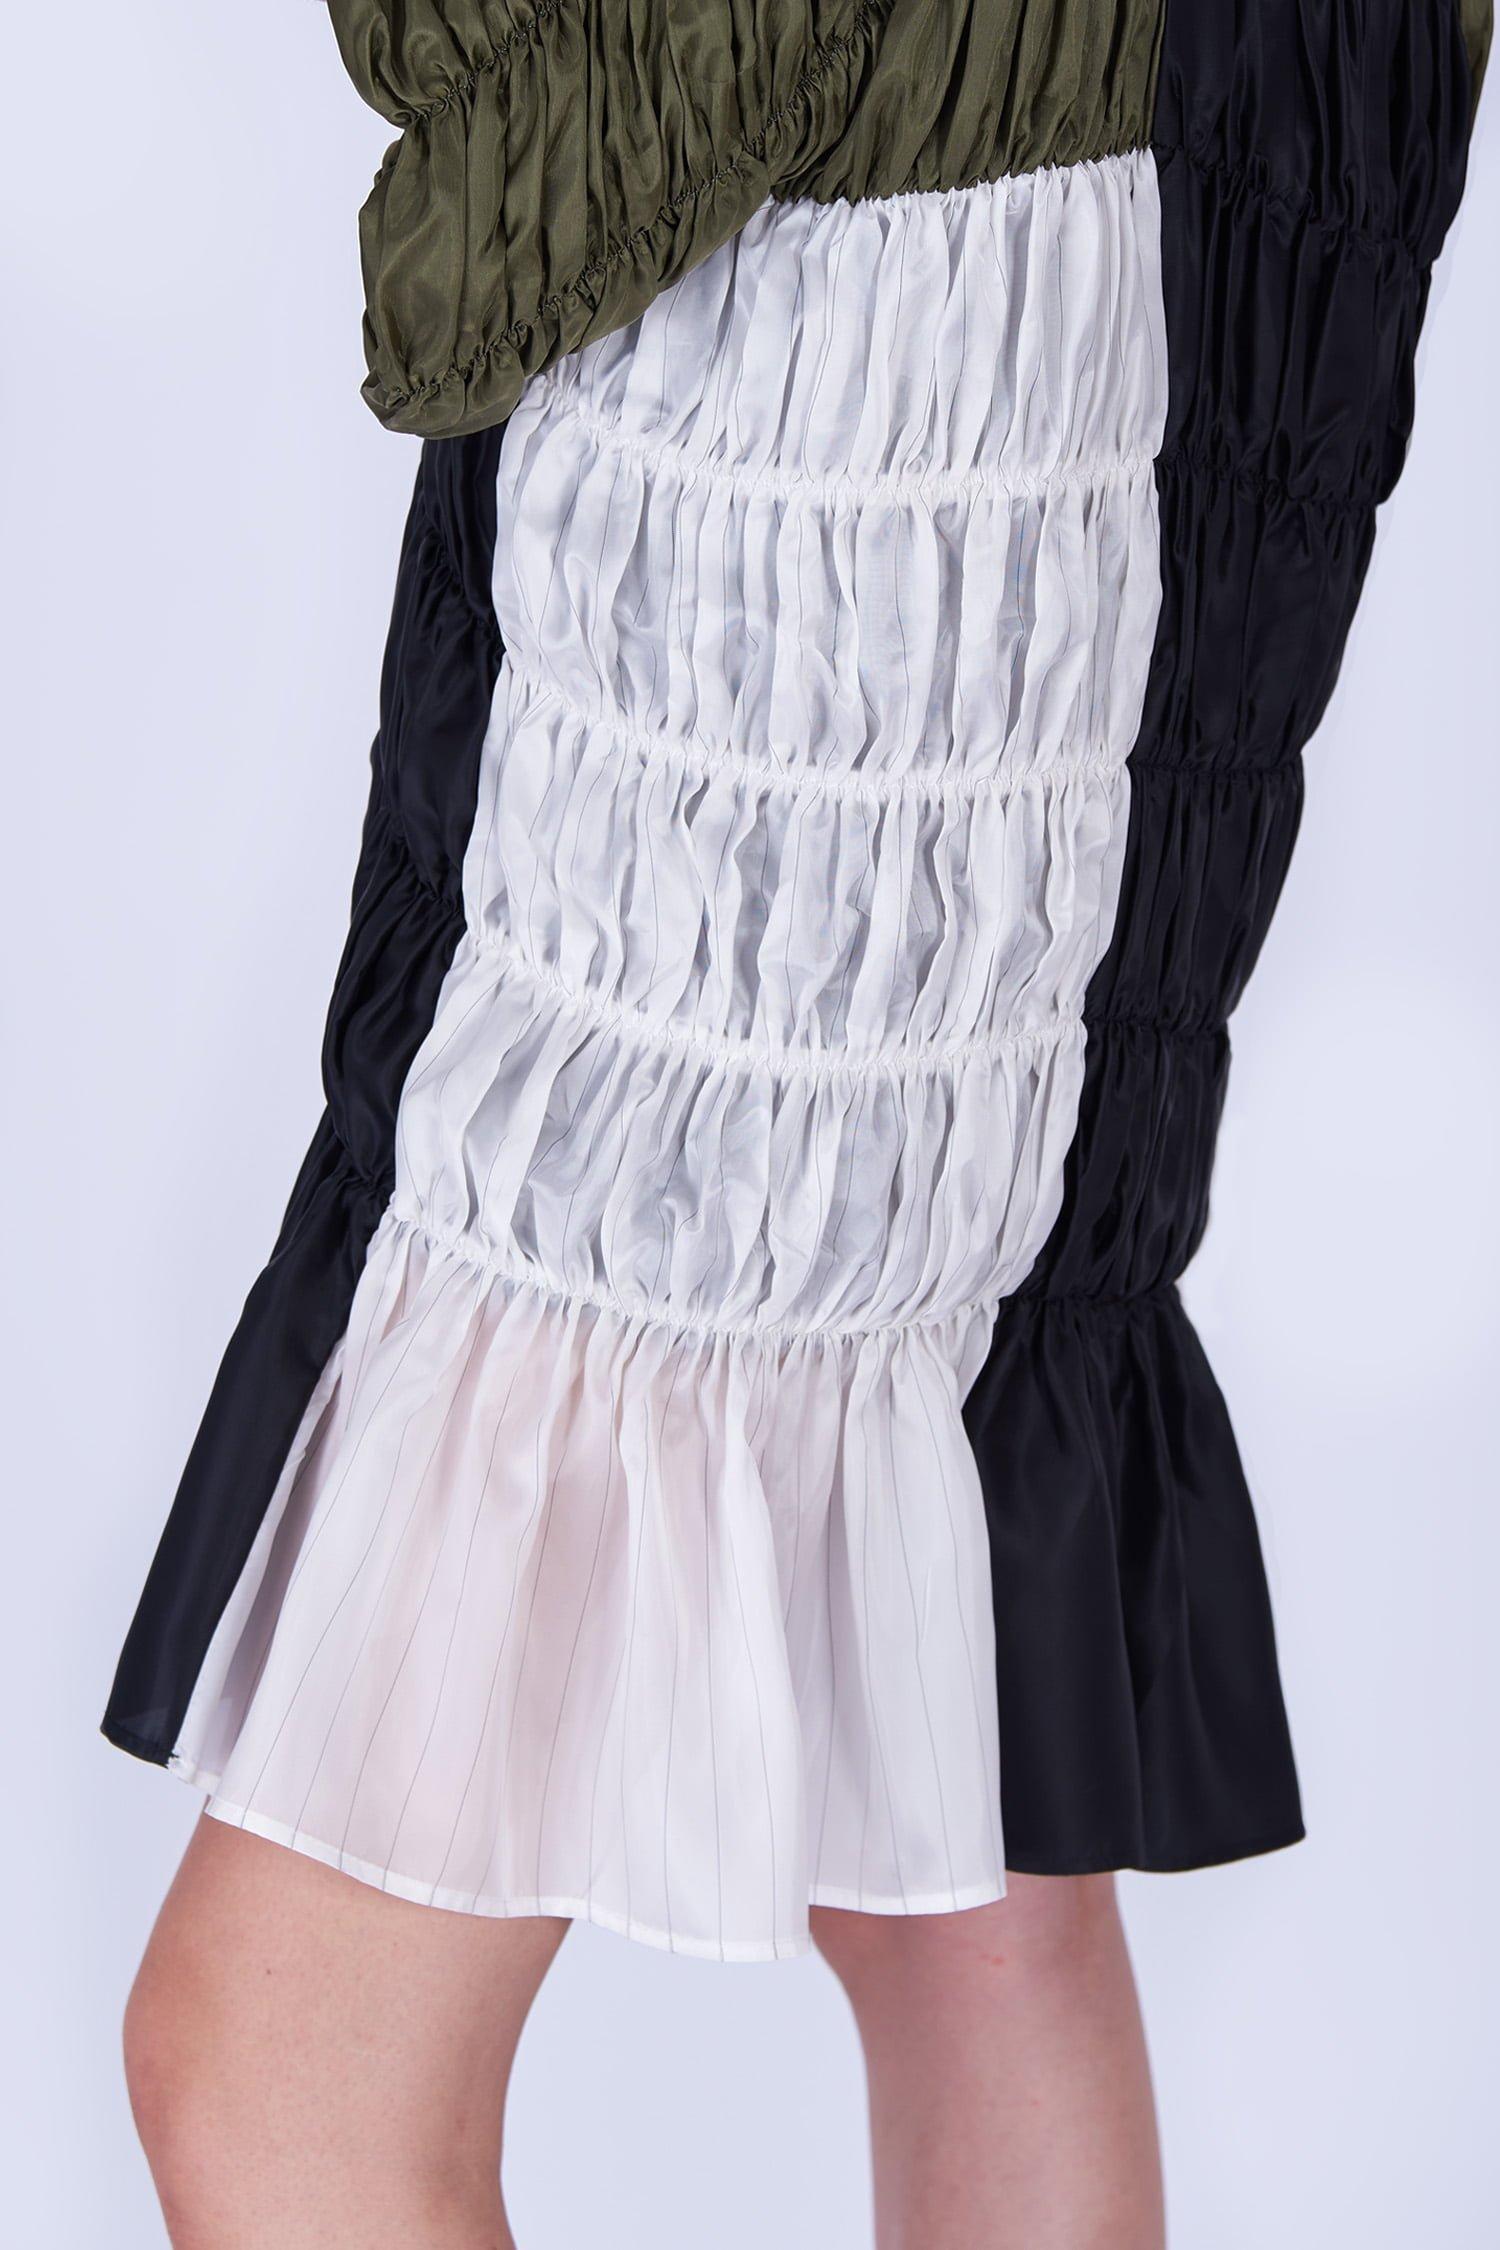 Acephala Fw19 20 Green Black White Gathered Dress Sukienka Marszczona Zielona Biala Czarna Marszczona Detail 1